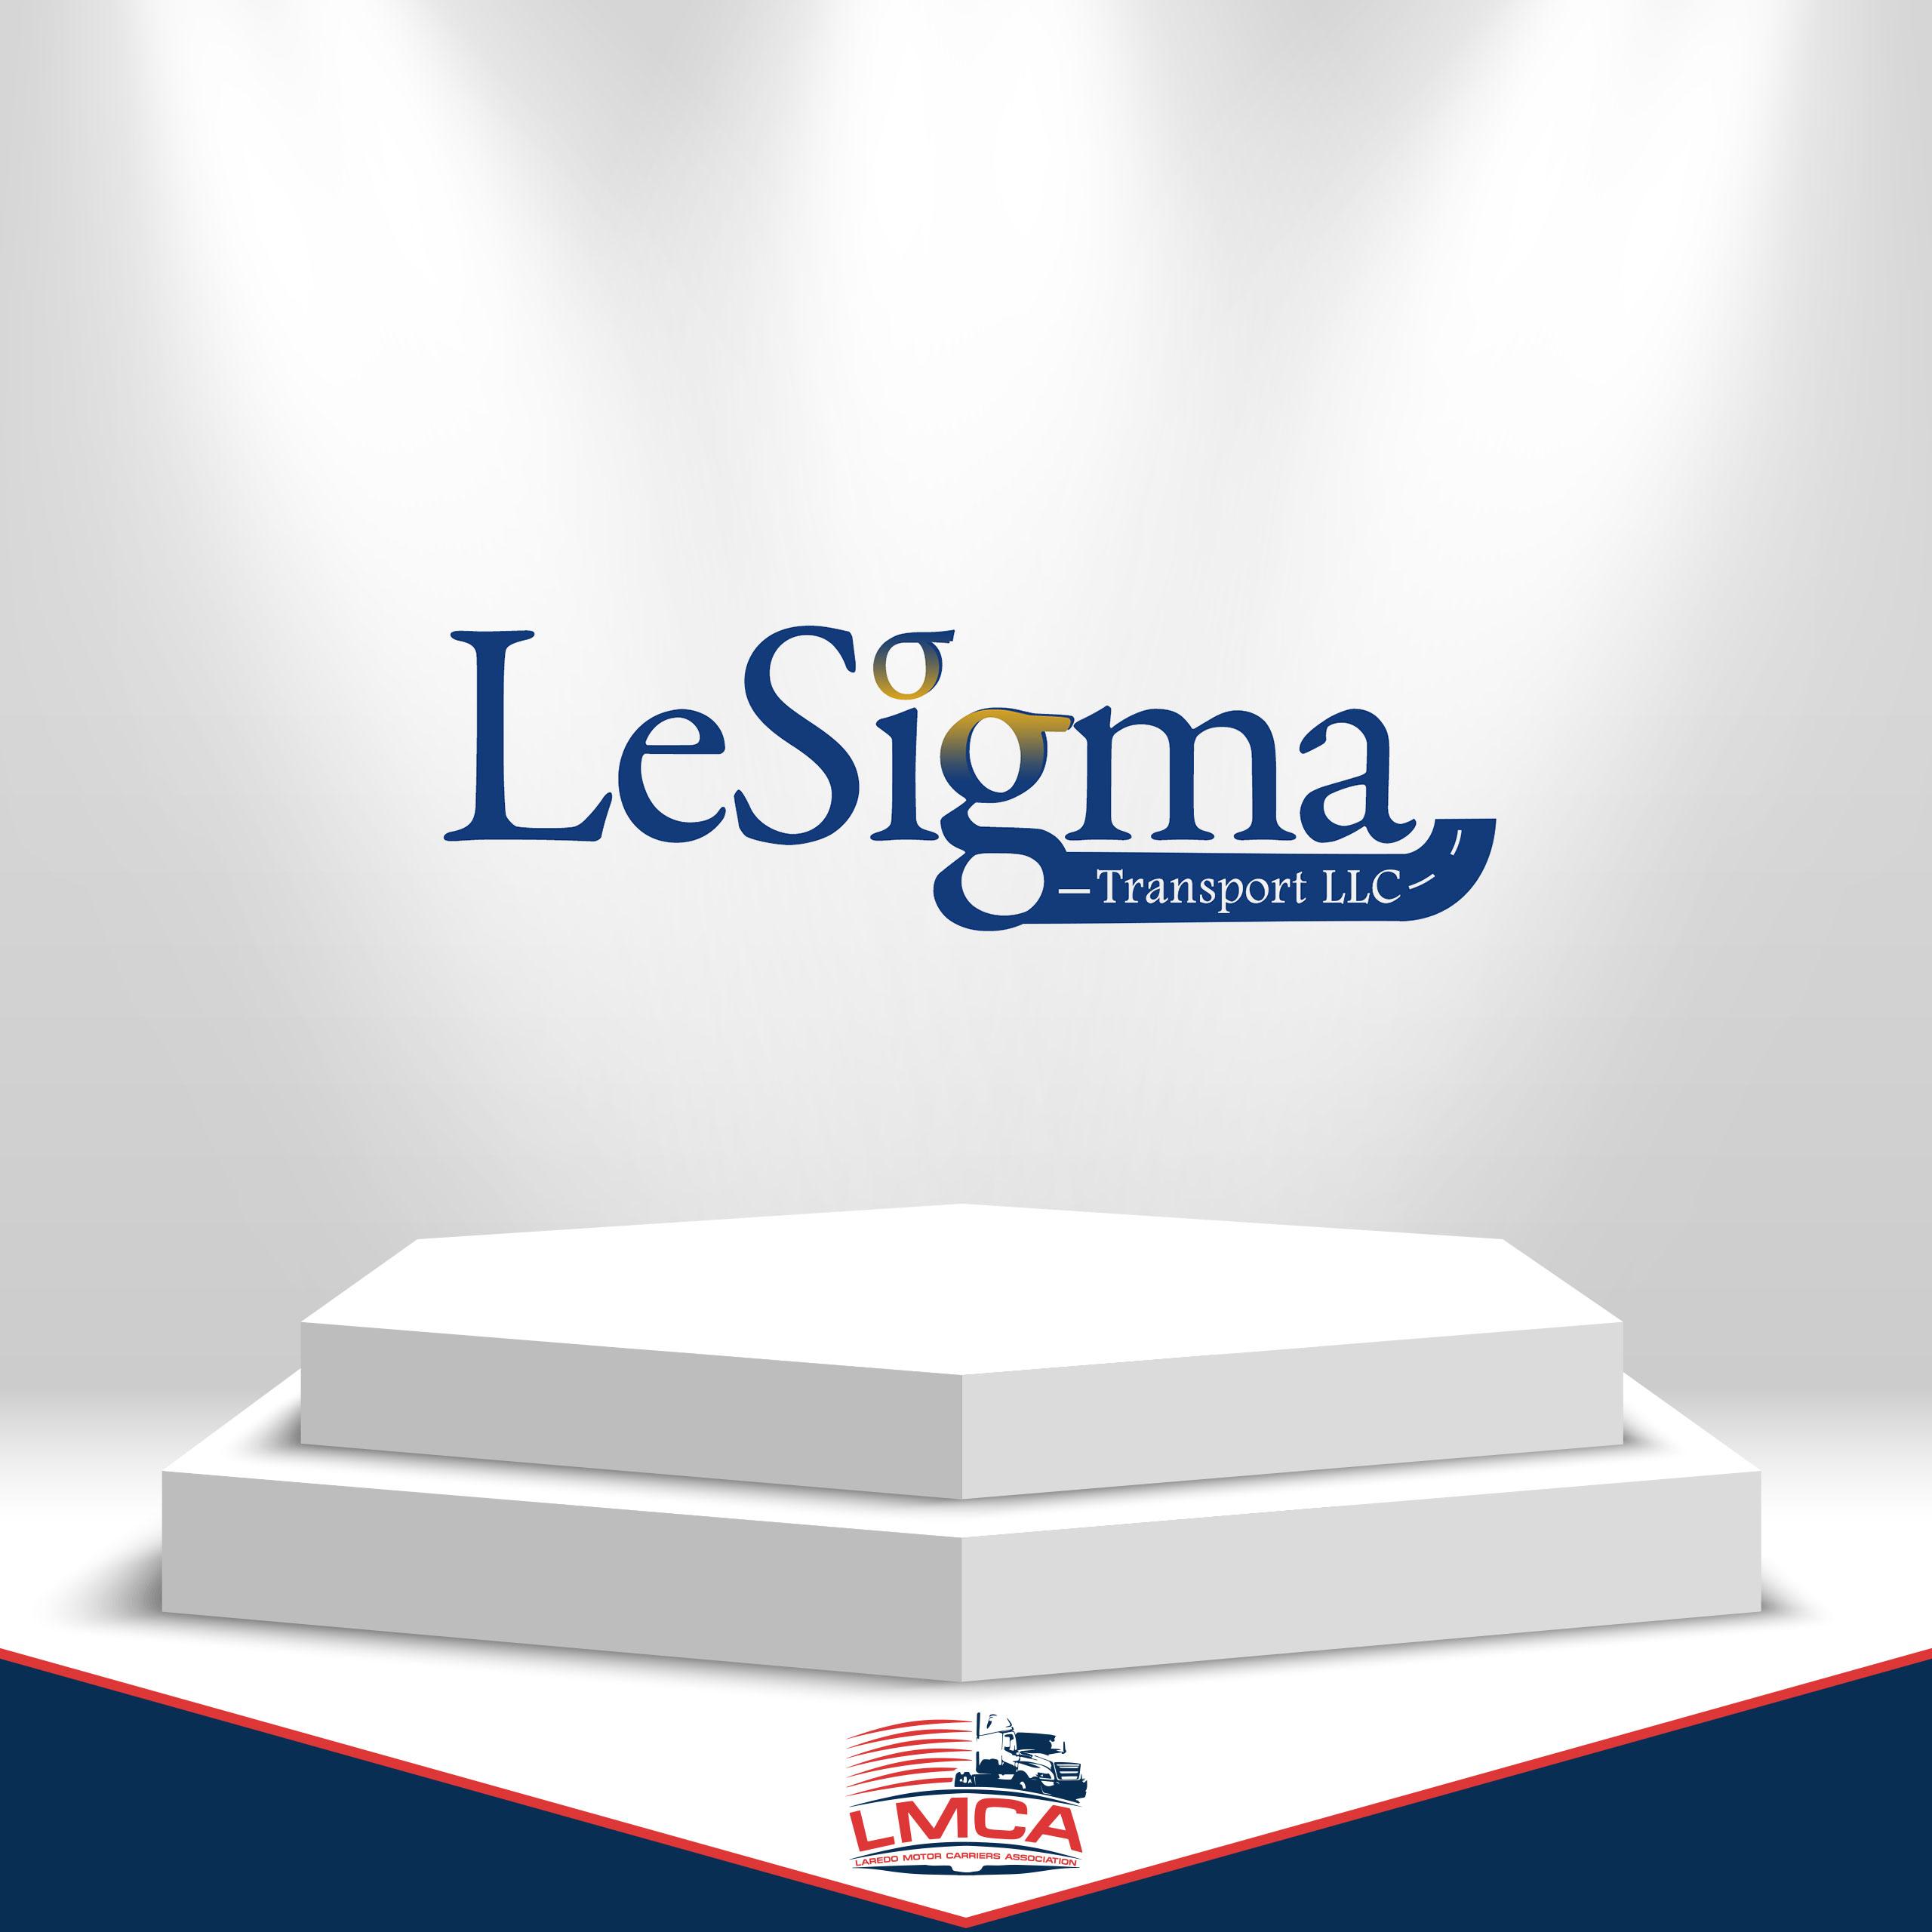 lesigma-logo-lmca